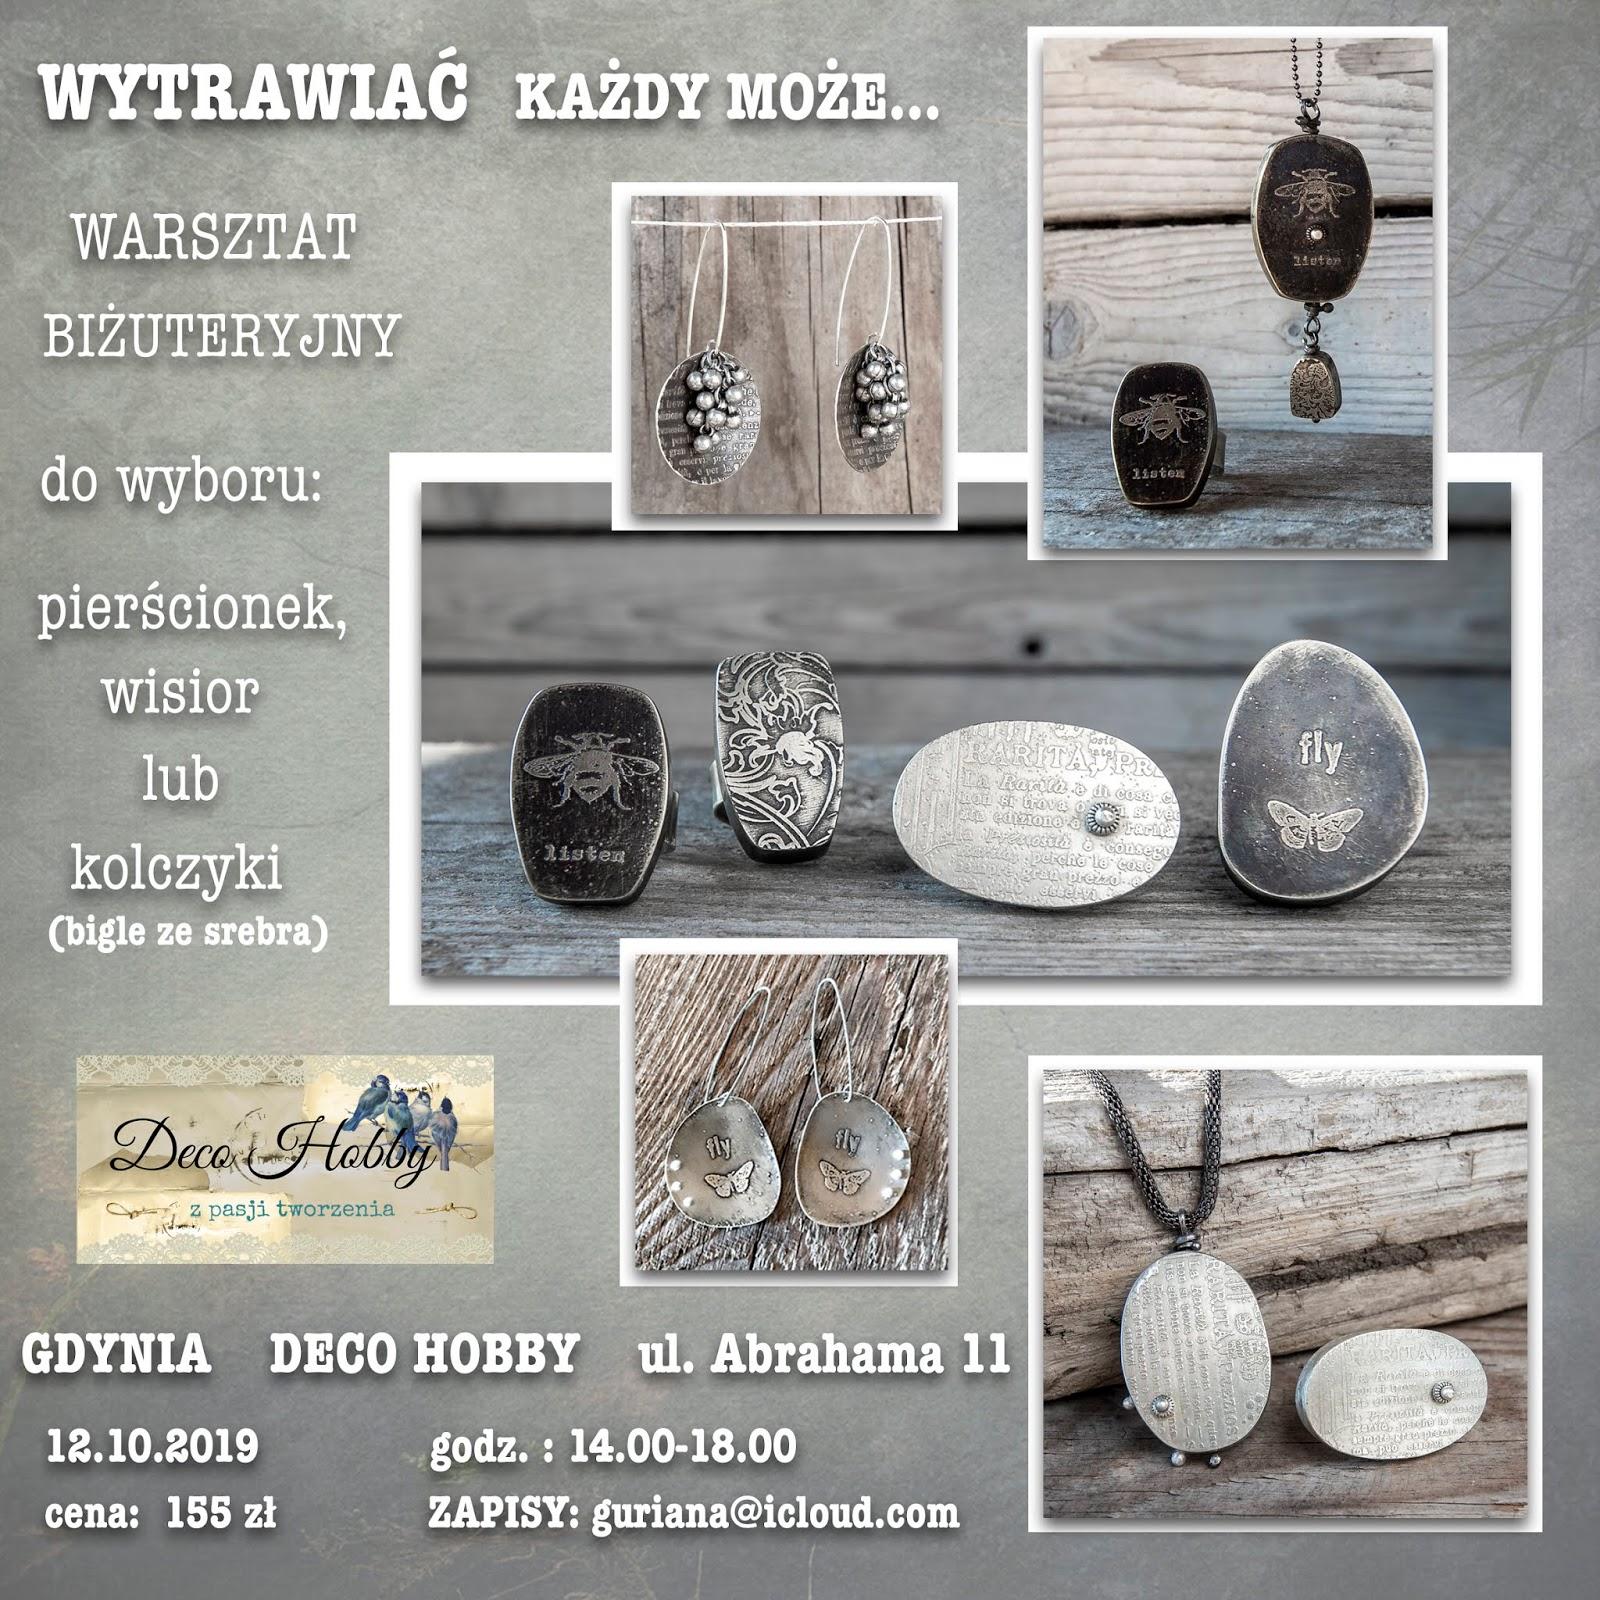 GDYNIA-warsztat biżuteryjny-Wytrawiać każdy może